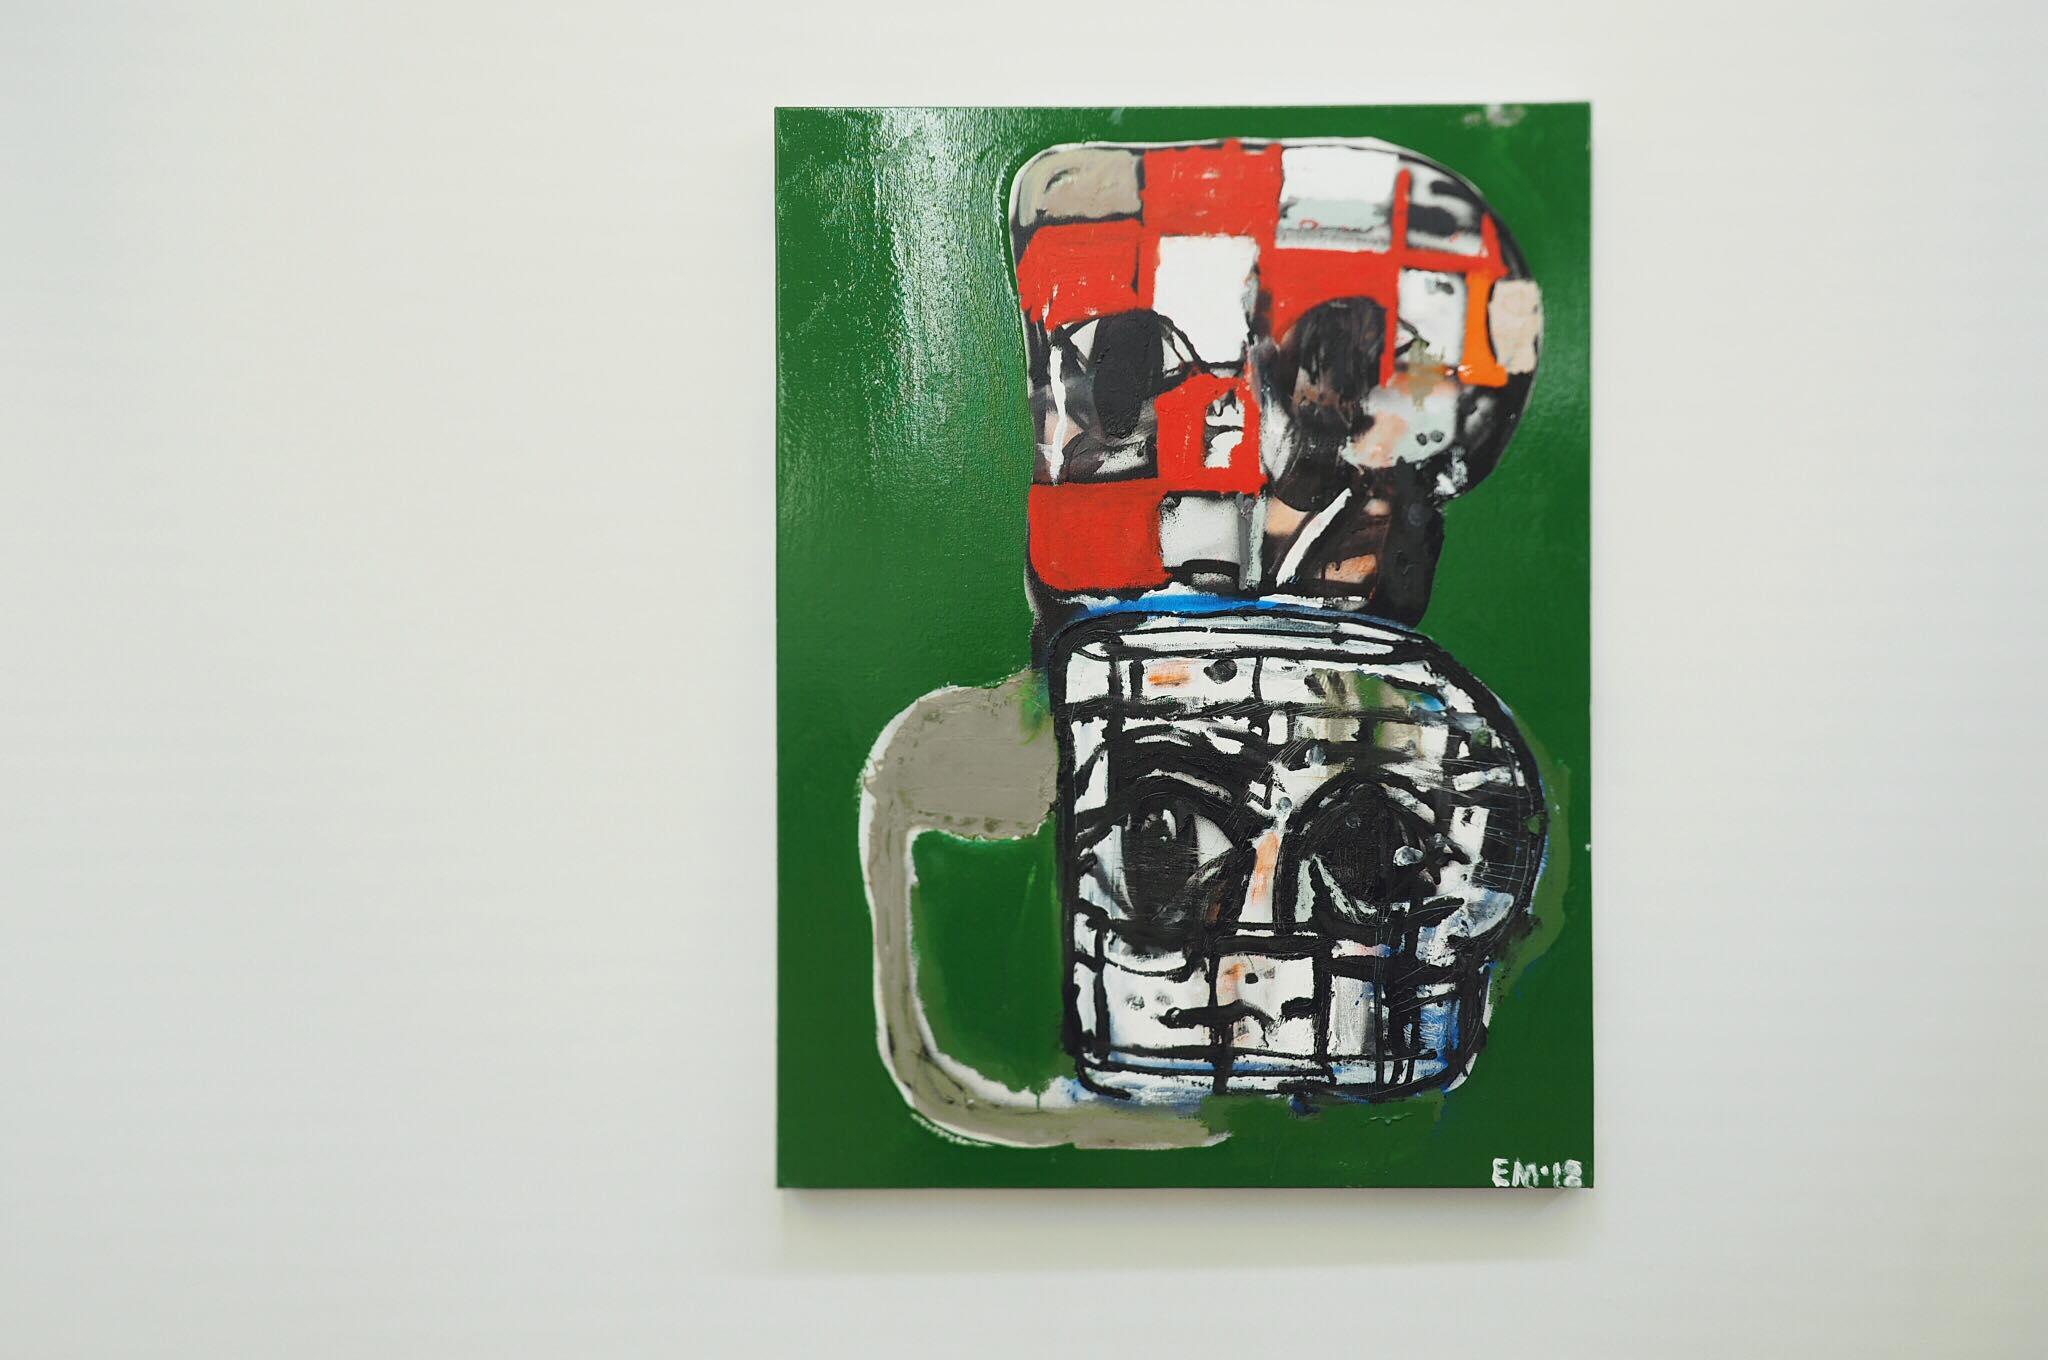 独学アーティスト エディ・マルティネズの日本初の個展「Blockhead Stacks」が開催